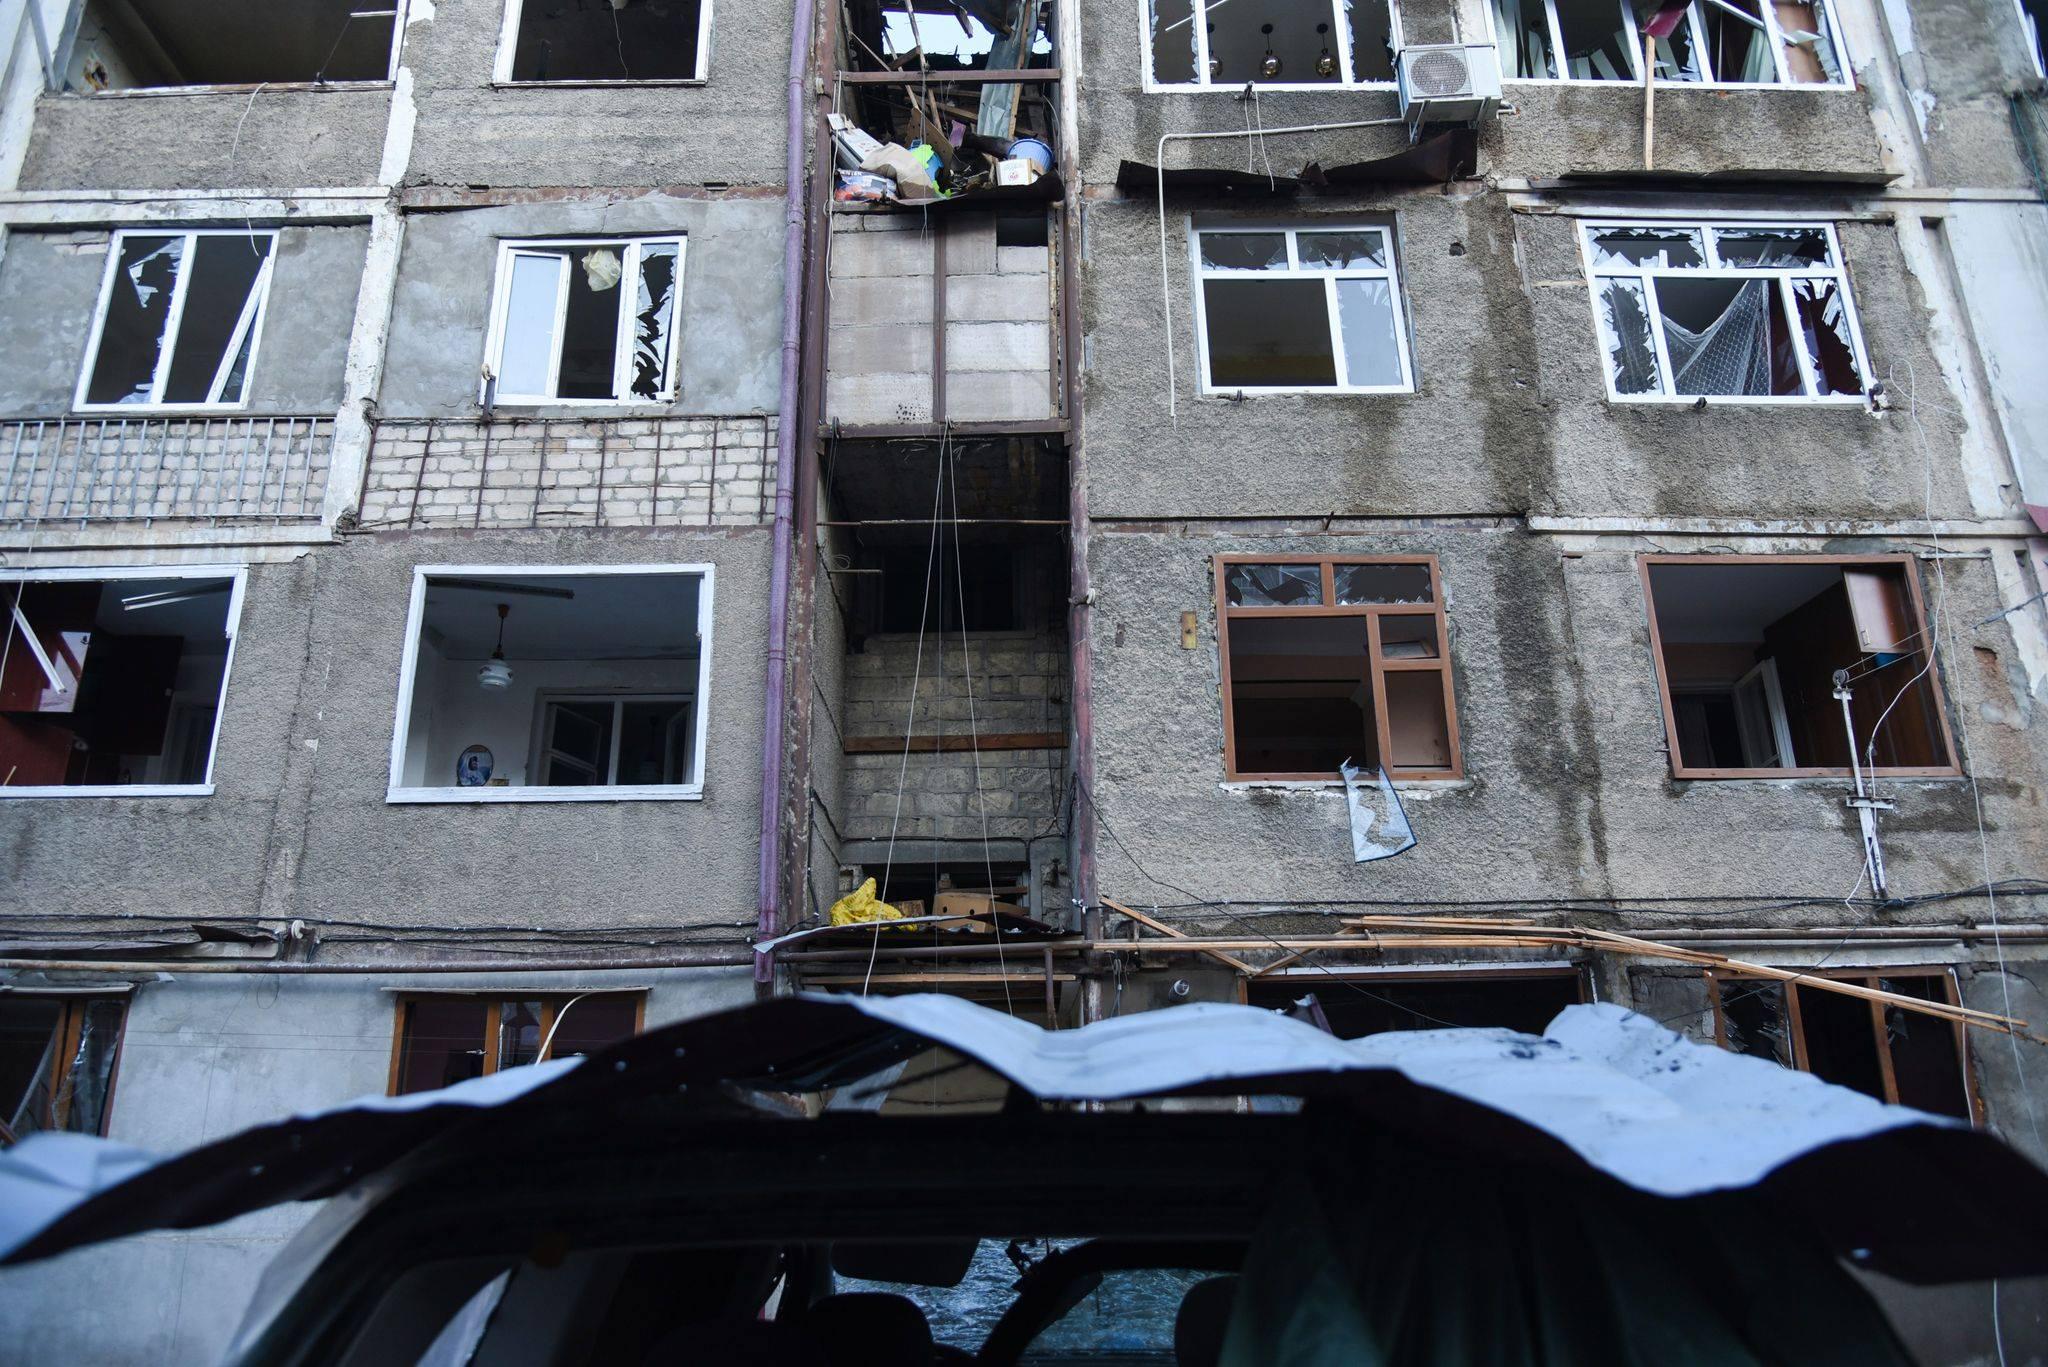 Photo of Արցախի շուրջ 90,000 բնակիչներ լքել են իրենց բնակավայրերը ադրբեջանական դիտավորյալ ու չտարբերակված հարձակումների ու շարունակական վտանգների պատճառով